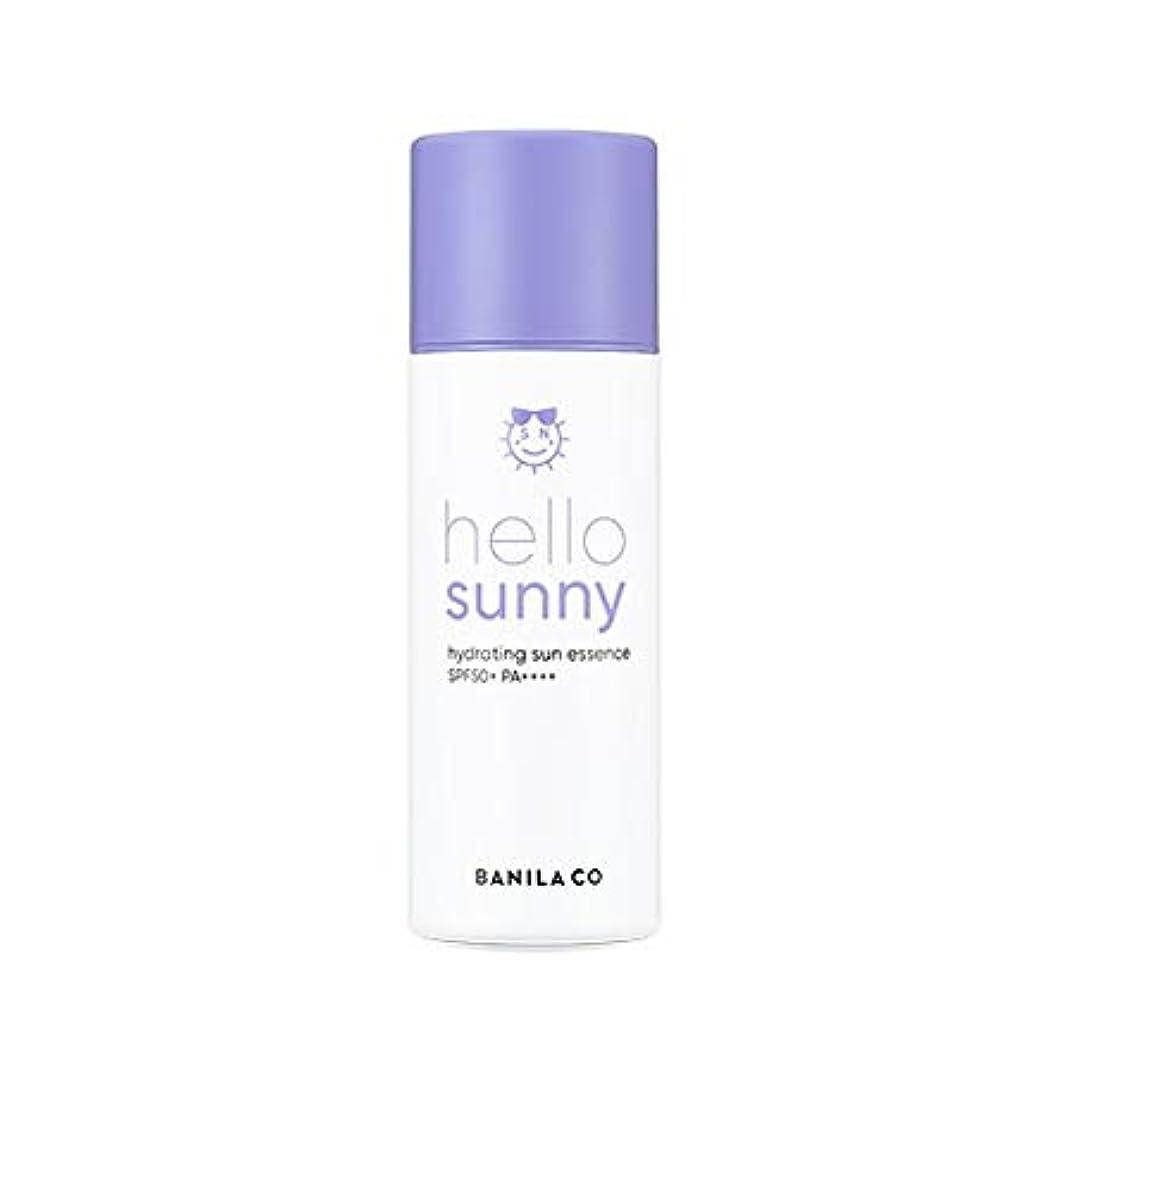 ミサイルモールヒロイックbanilaco こんにちはサニーハイドレイティングエッセンスサンブロックSPF50 + PA ++++ / Hello Sunny Hydrating Essence Sunblock SPF50 + PA ++++...